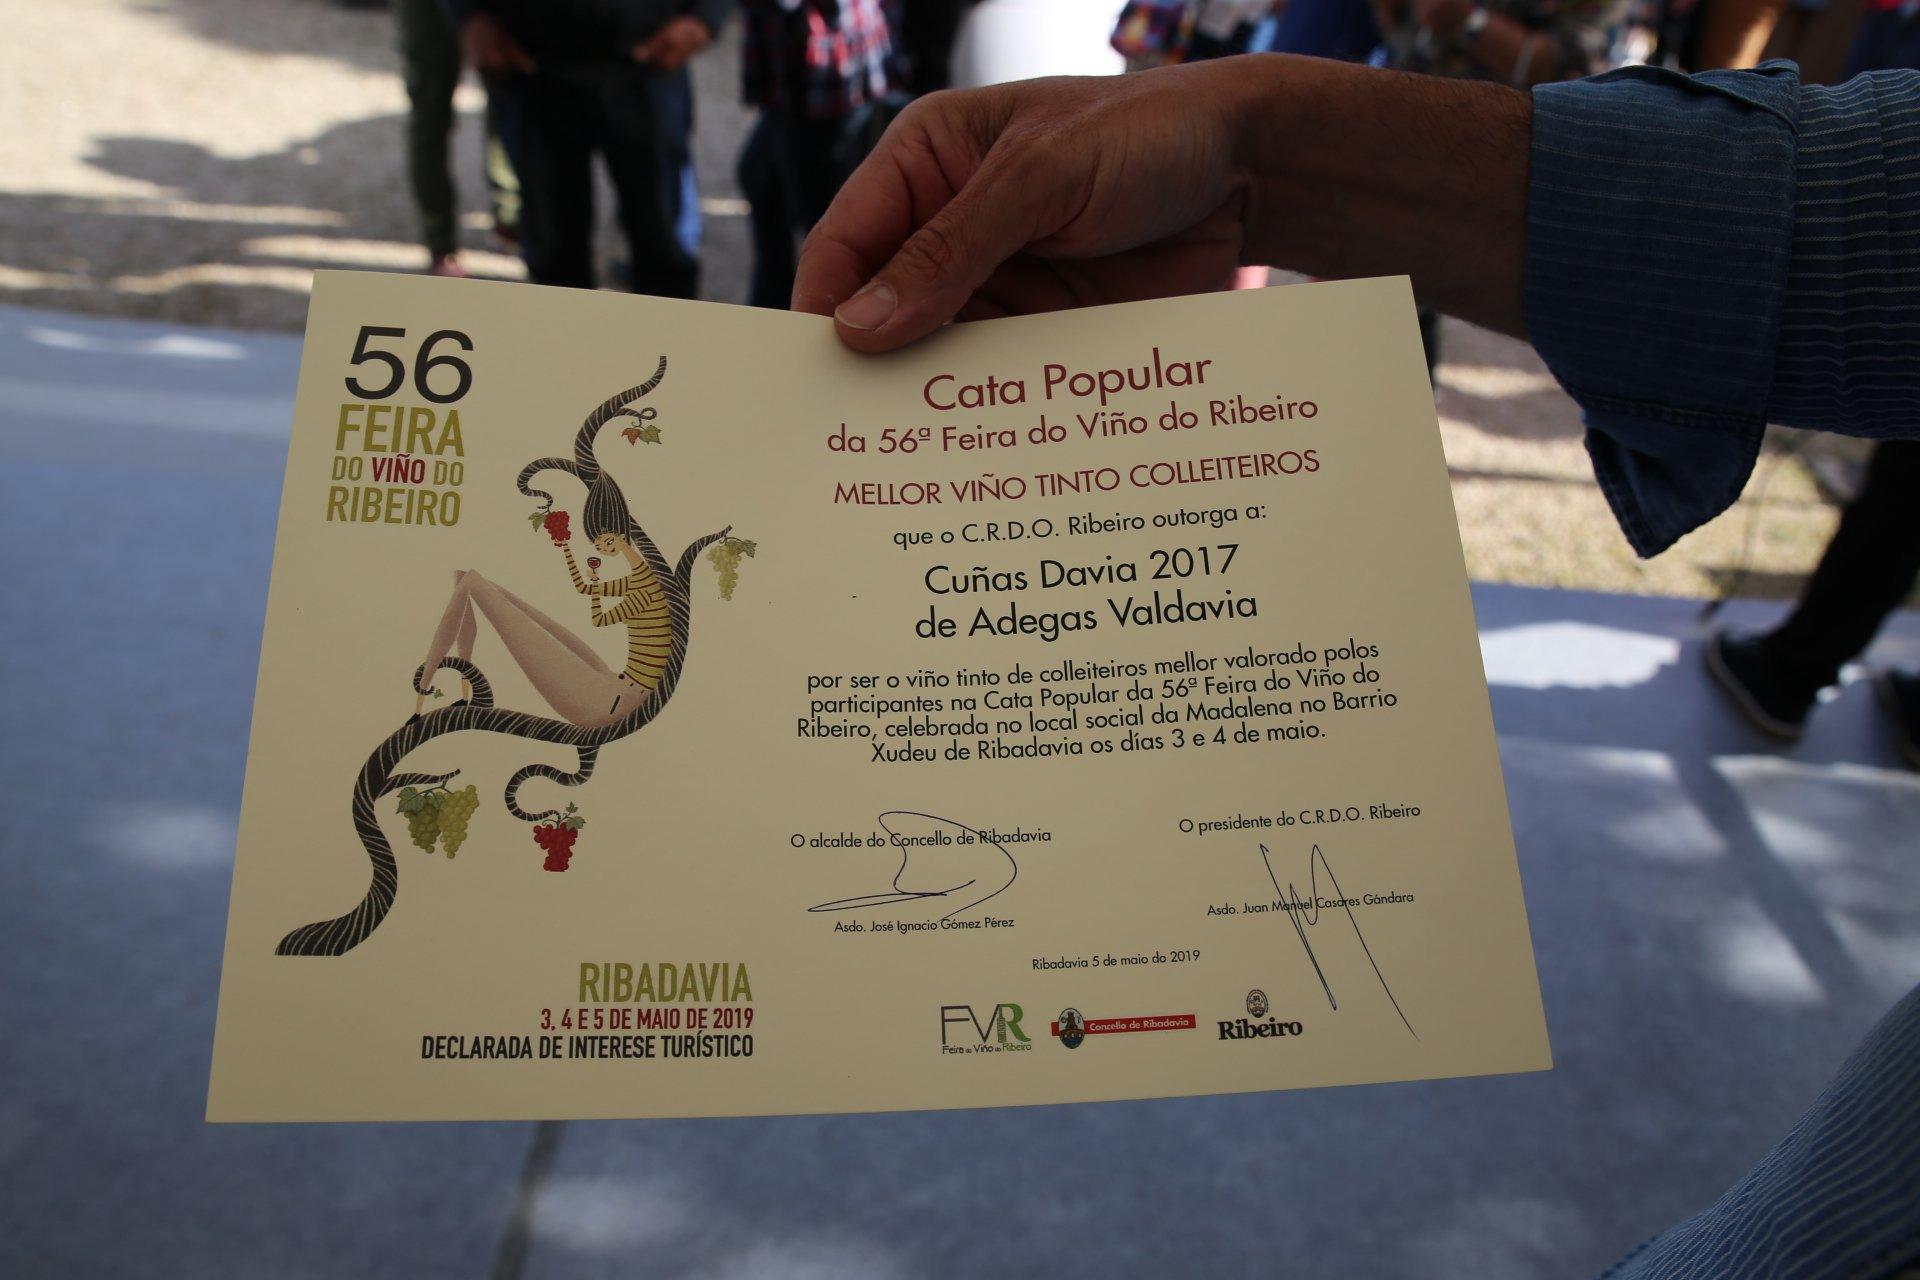 diploma del certamen de colleiteiros de la feira do viño do ribeiro 2019